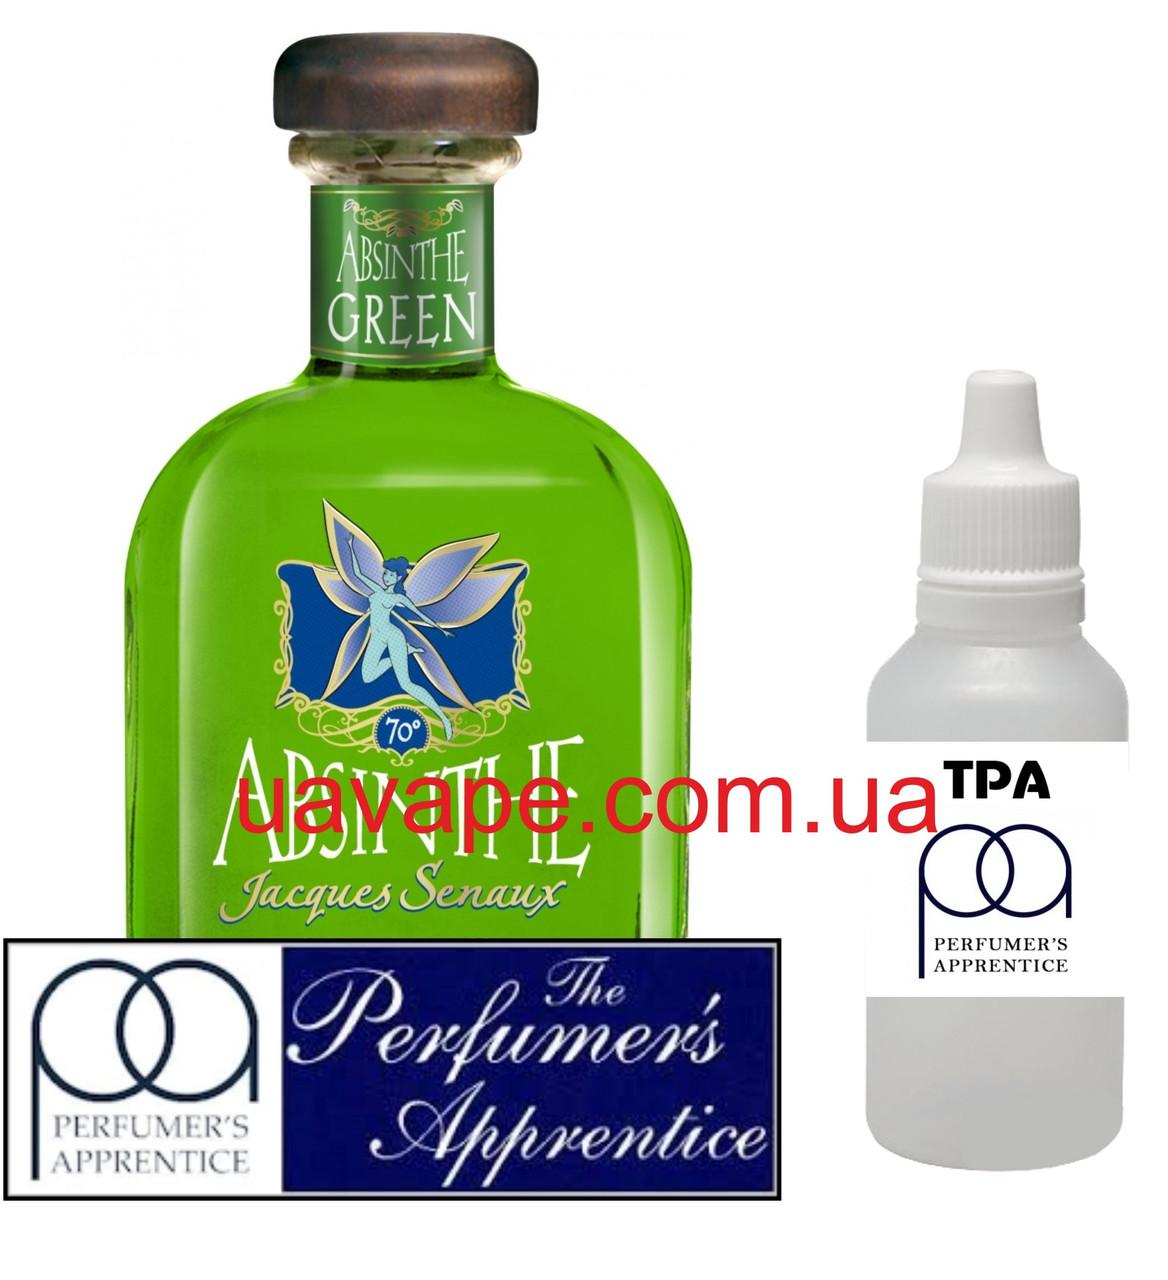 Ароматизатор TPA - Absinthe II Flavor Абсент ТПА, 50 мл